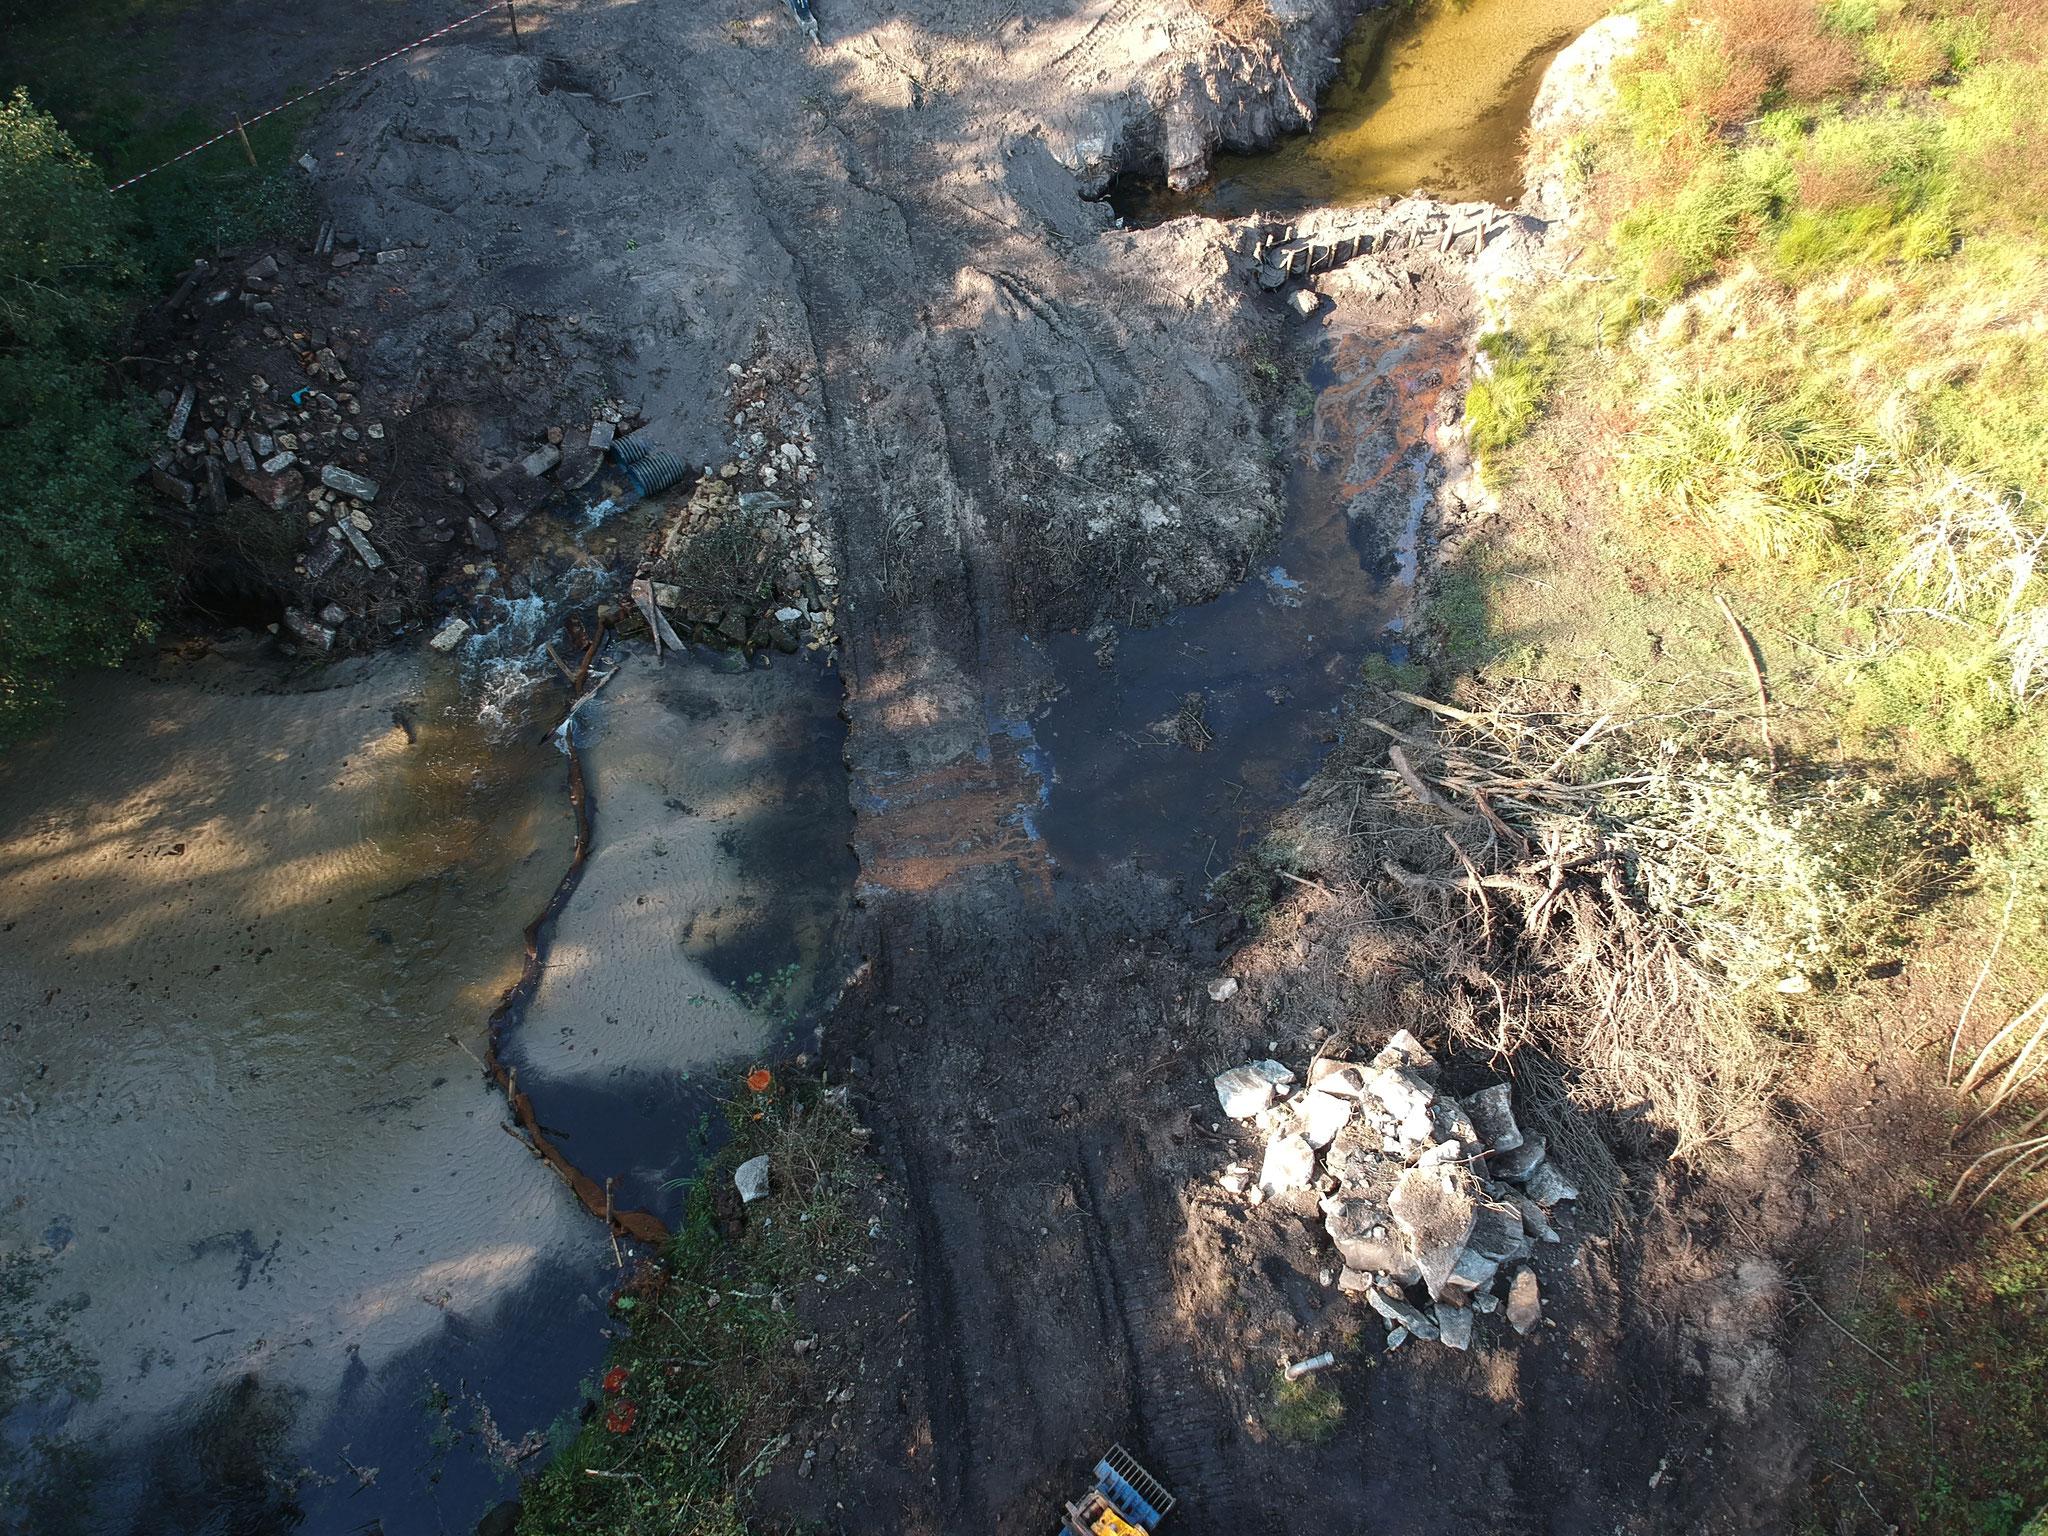 Depuis la semaine dernière, la barrage du Graoux n'existe plus.